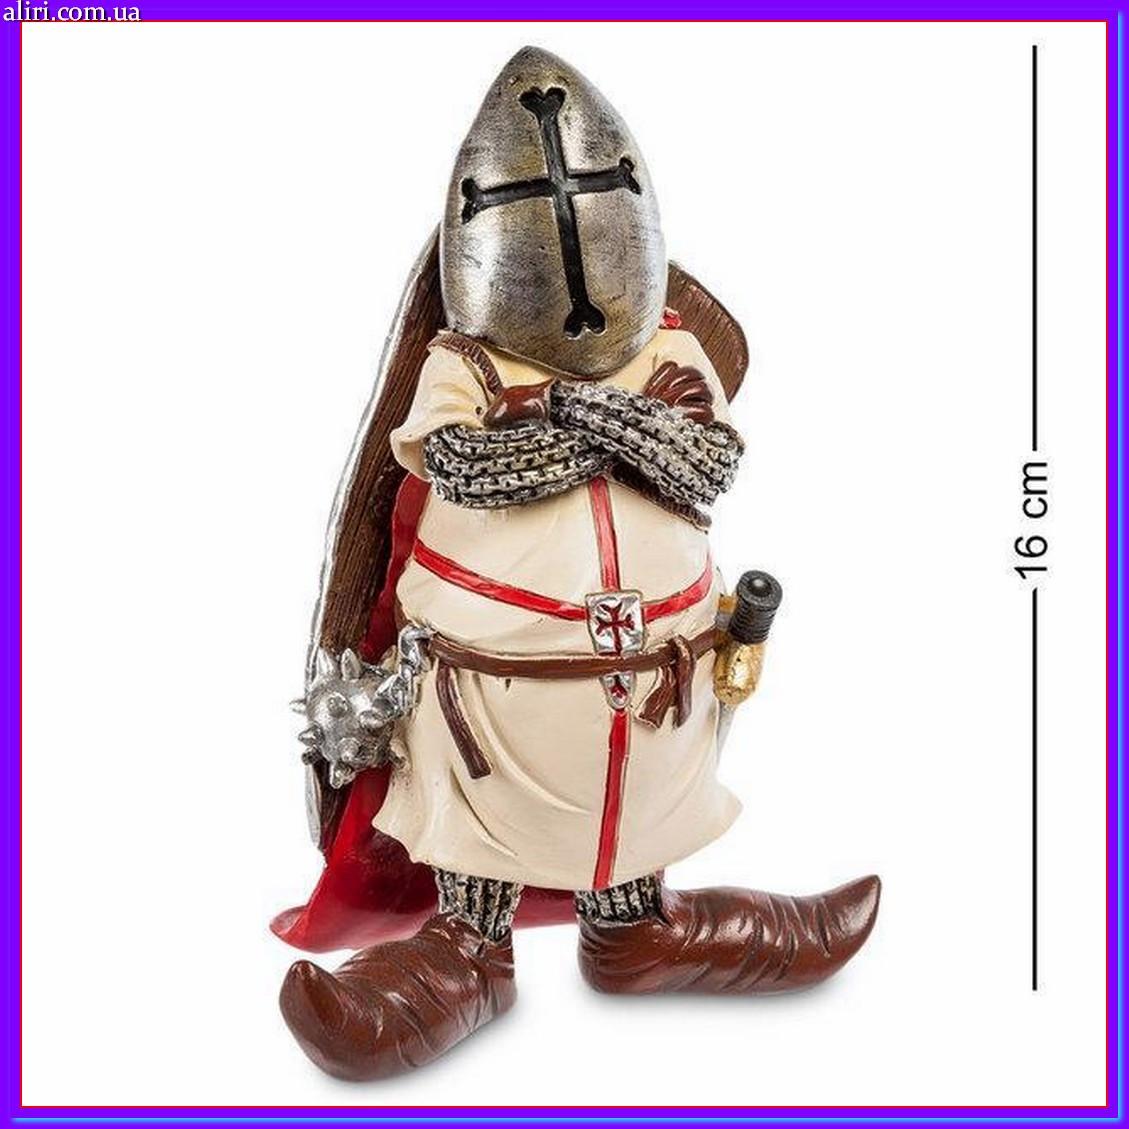 Фигурка статуэтка Рыцарь W.Stratford 16см